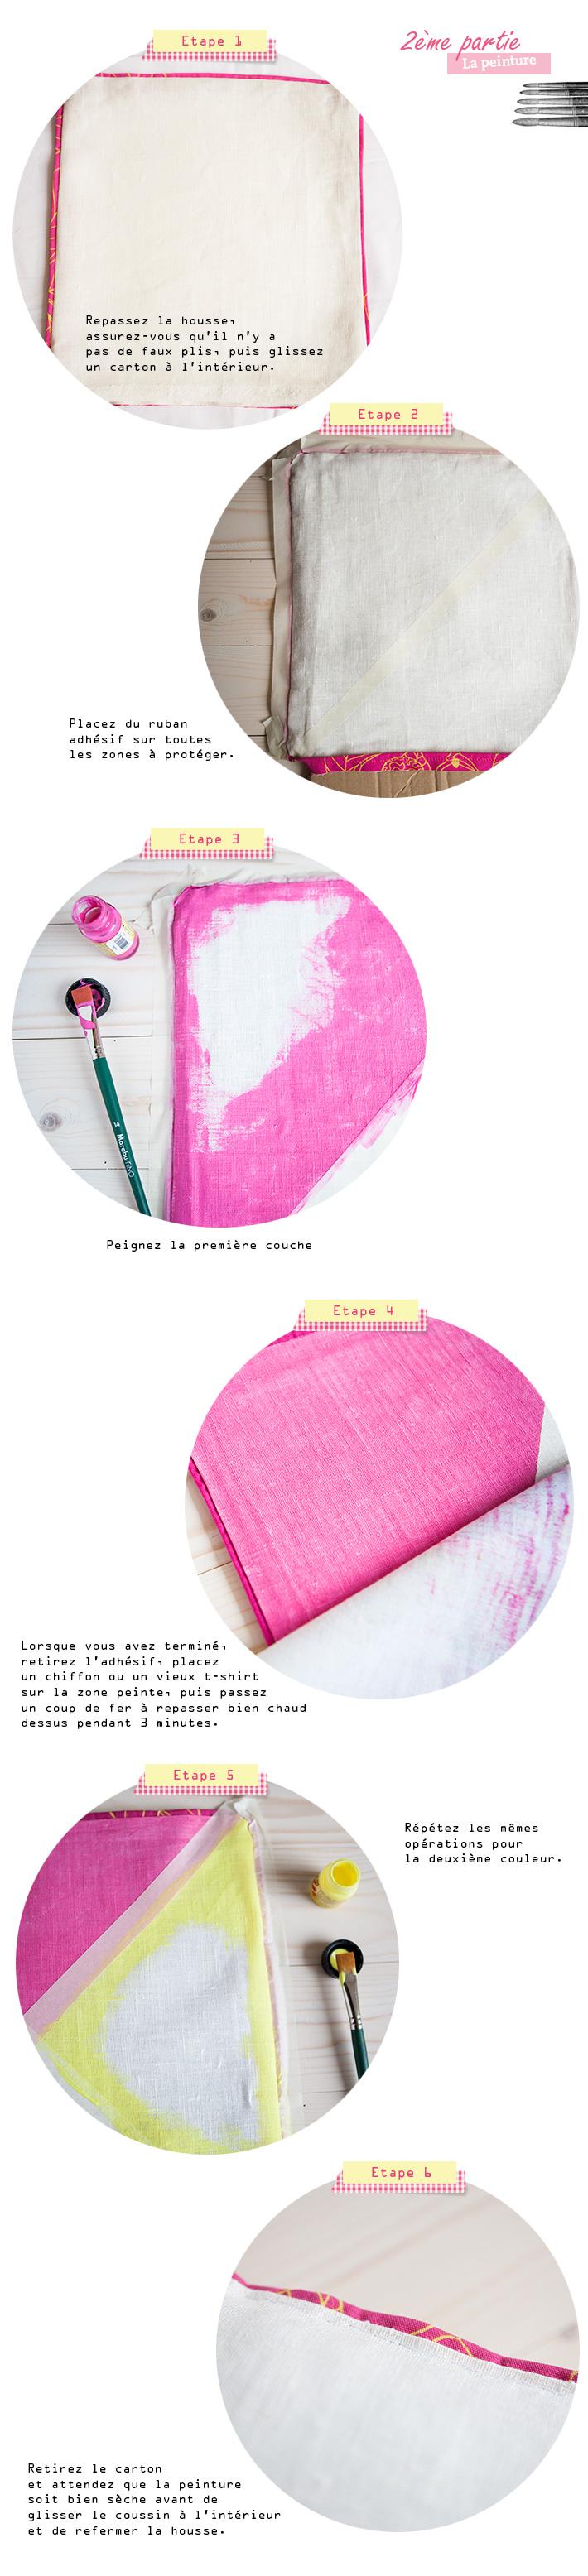 02-DIY_peindre_un_coussin